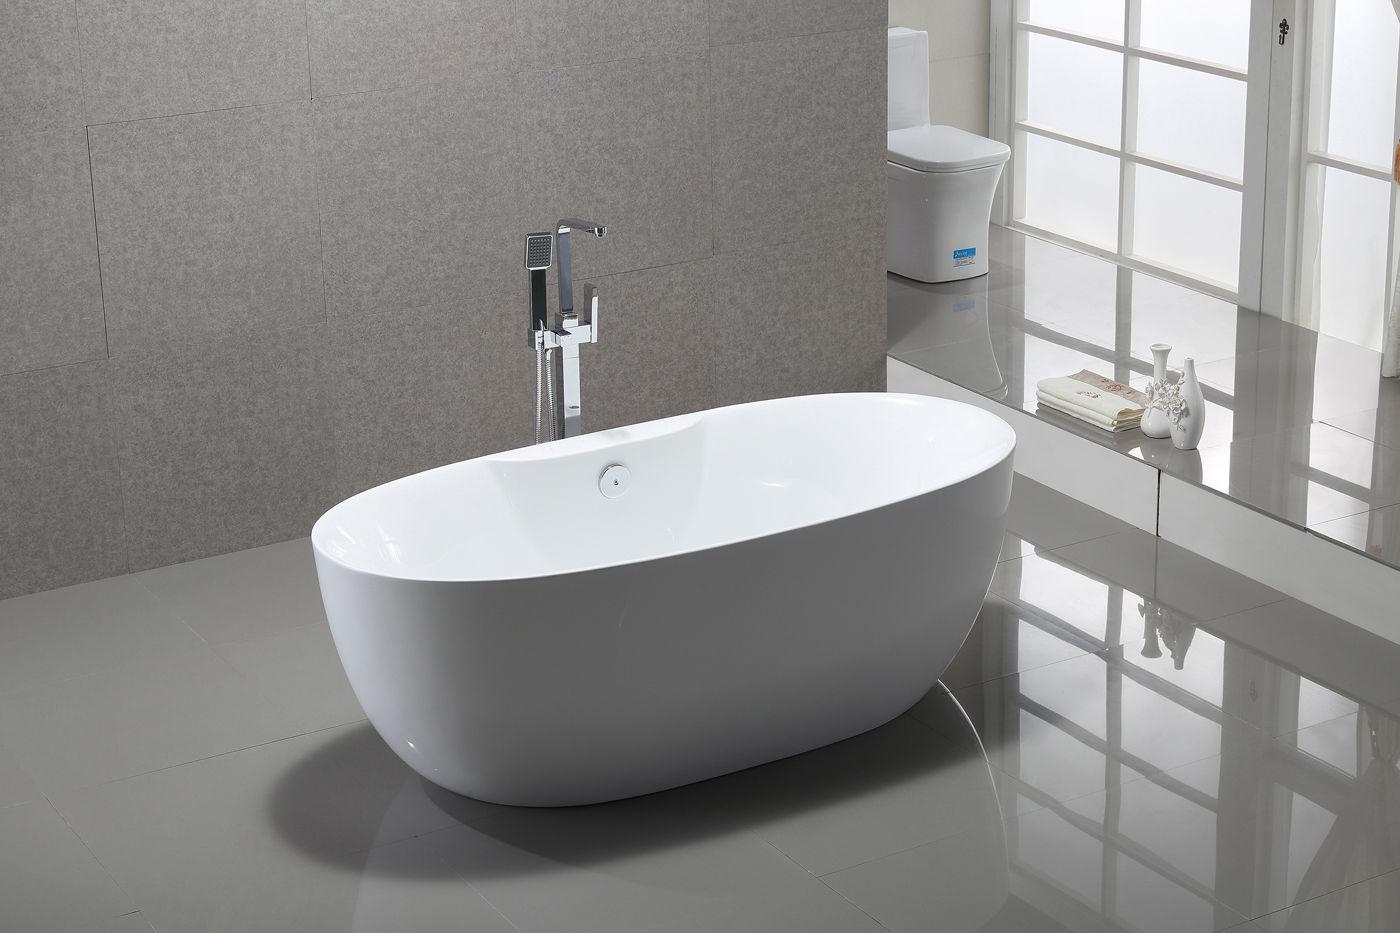 Vasca Da Bagno Troppo Lunga : Vasca da bagno indipendente standbadewanne acrilico roma plus